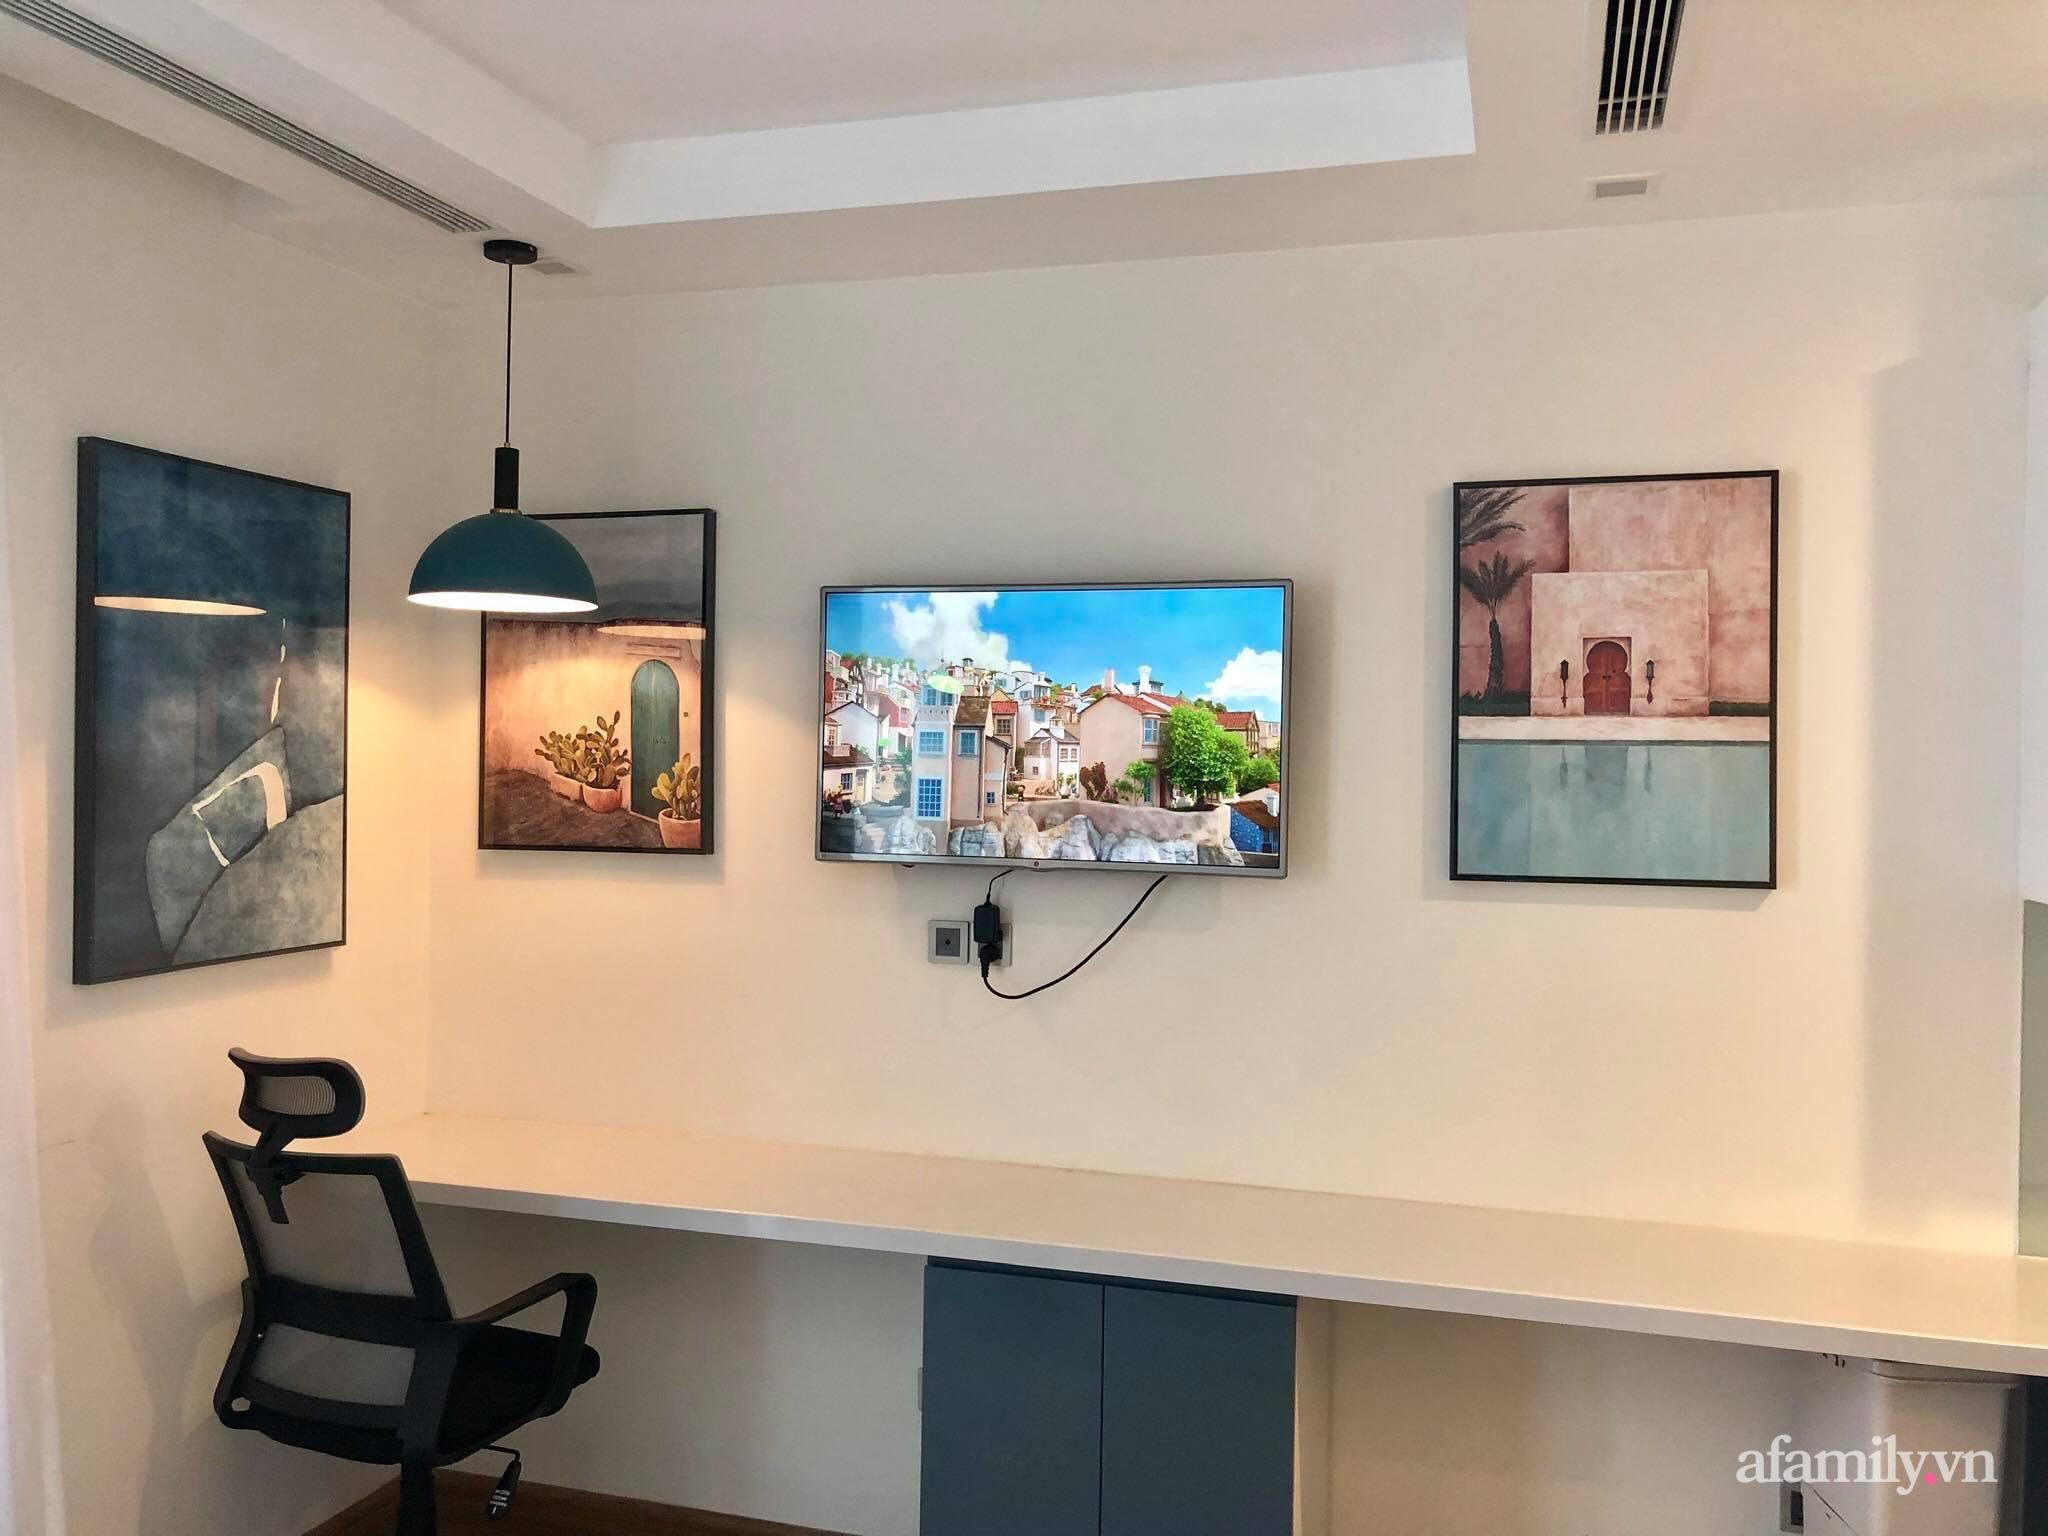 Căn hộ 28m² đẹp từng centimet với cách lựa chọn nội thất thông minh, hiện đại có chi phí hoàn thiện 100 triệu đồng ở Hà Nội - Ảnh 12.